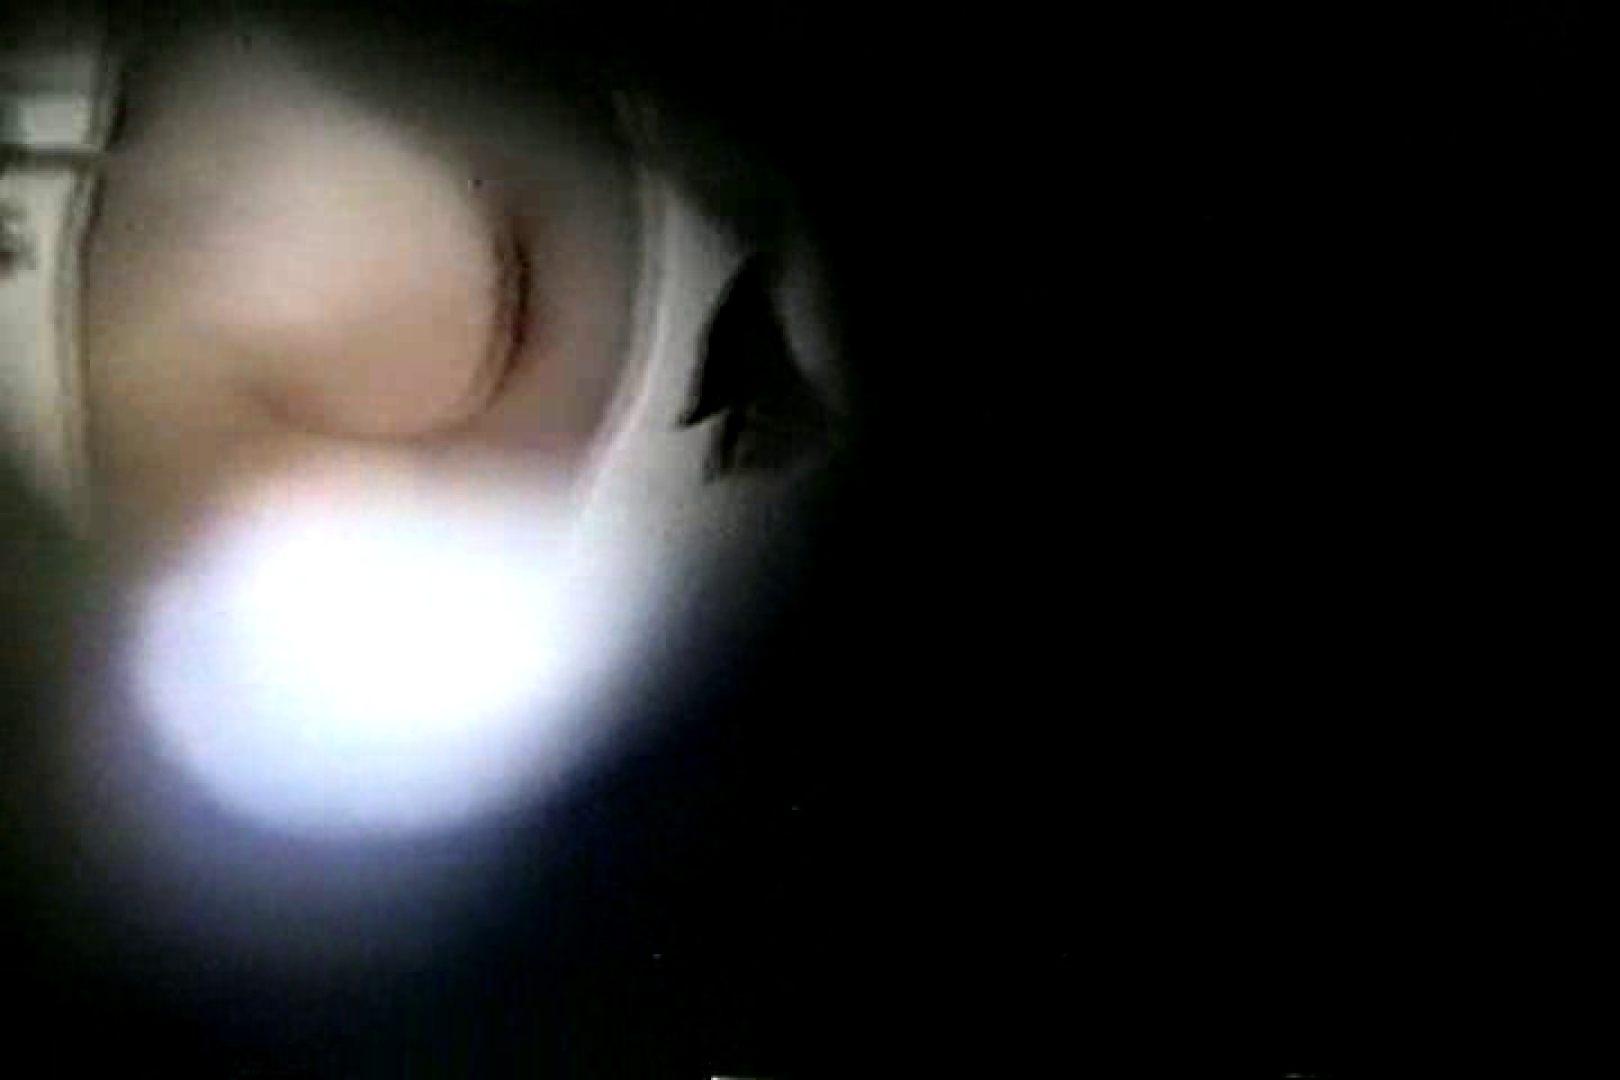 深夜の撮影会Vol.6 エロすぎオナニー | 民家  91画像 91